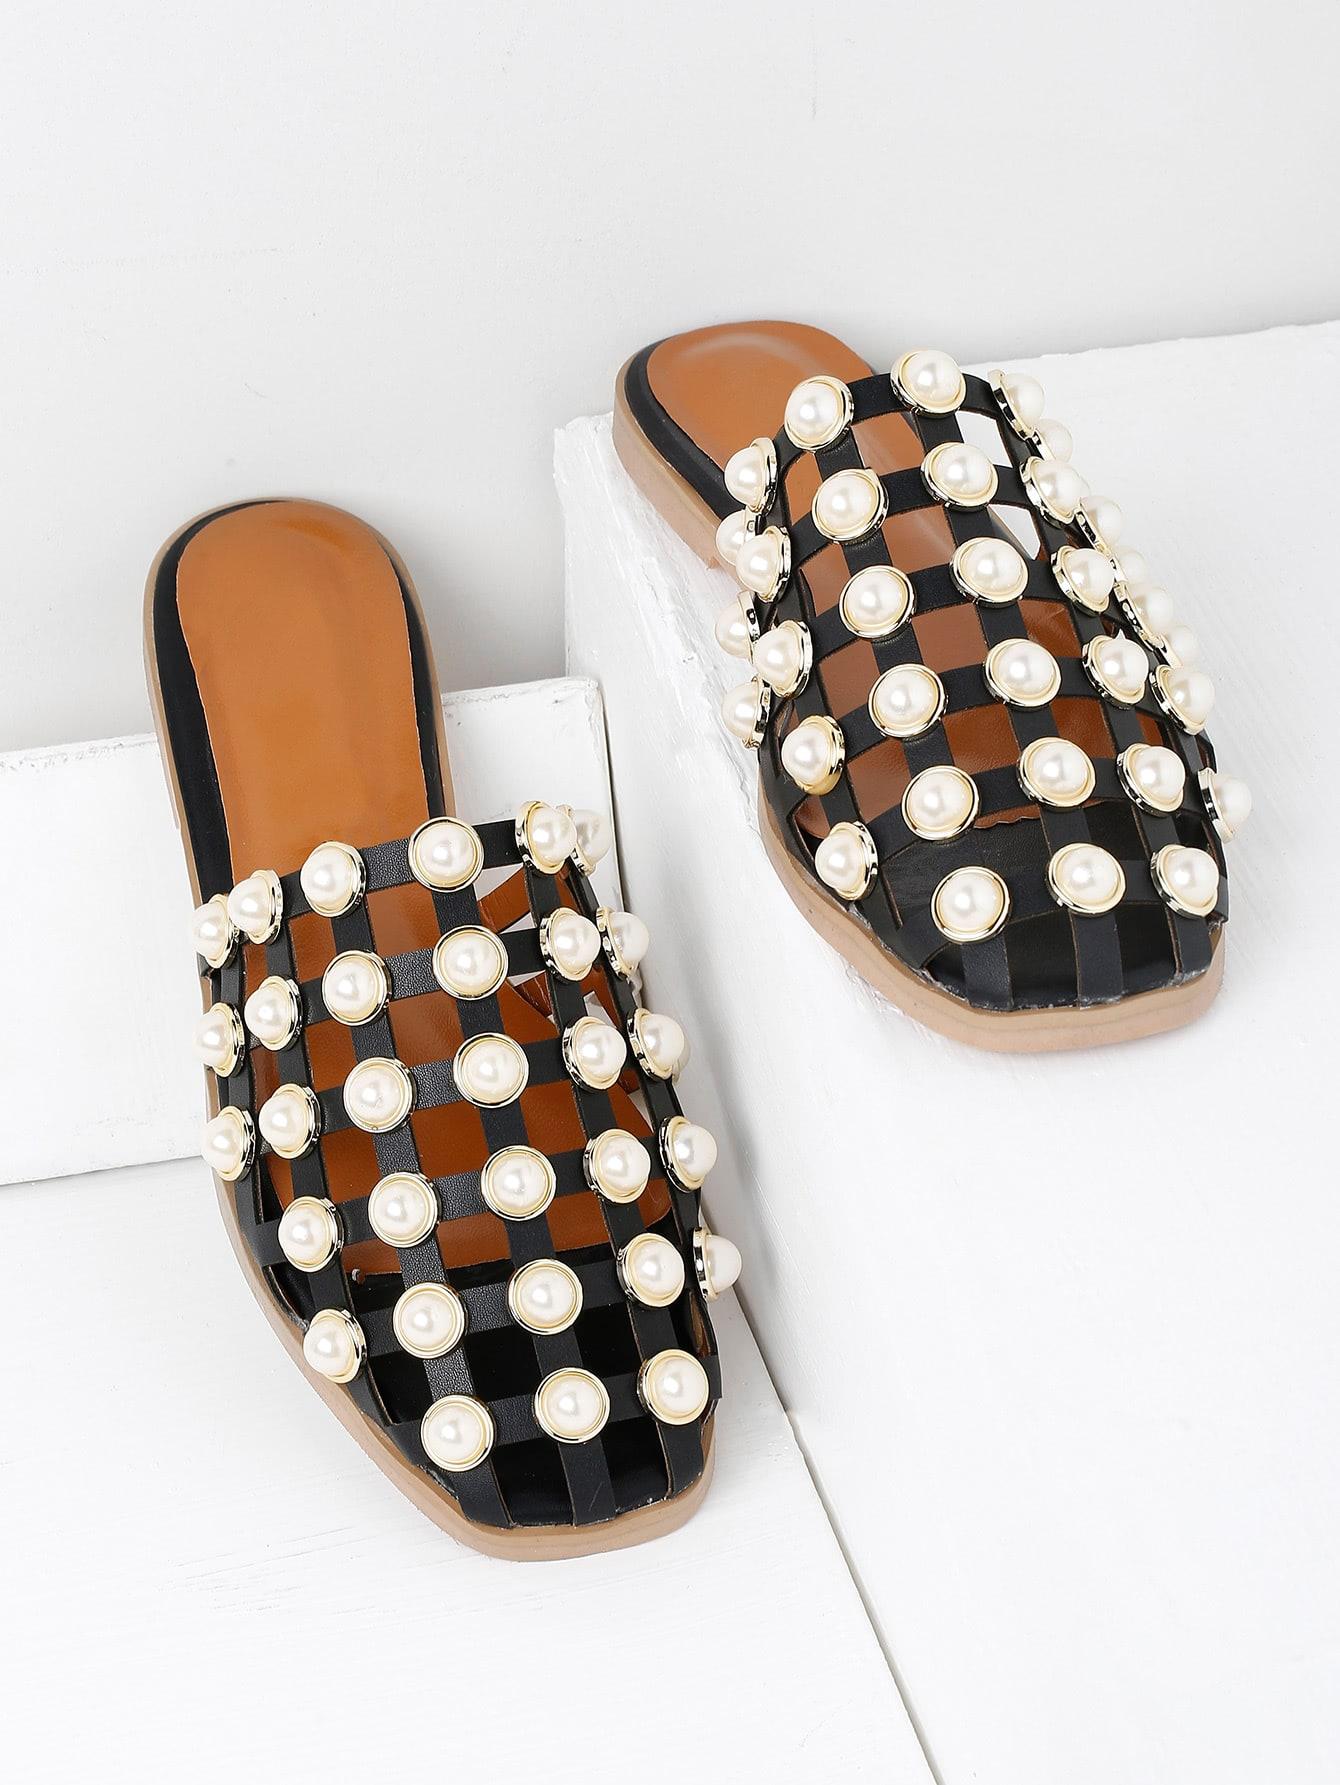 shoes170426808_2